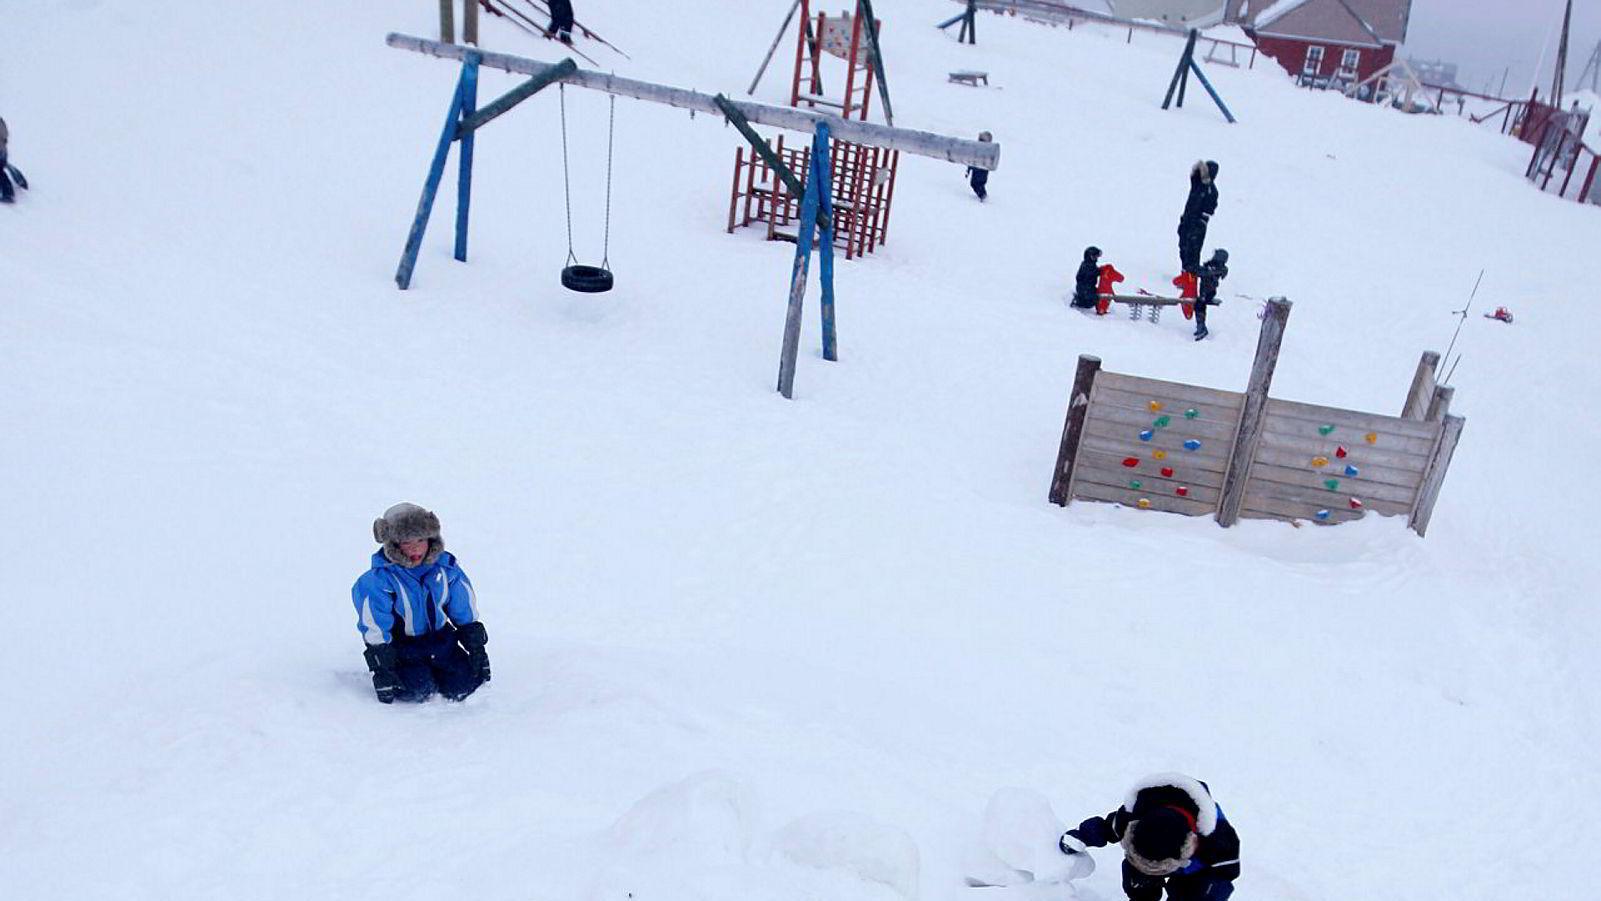 Kommunen har fortsatt ha en leveringsforpliktelse til ettåringer med lovfestet rett på barnehageplass selv om plassen «produseres» av en privat aktør, skriver Gøril Bjerkan i innlegget.